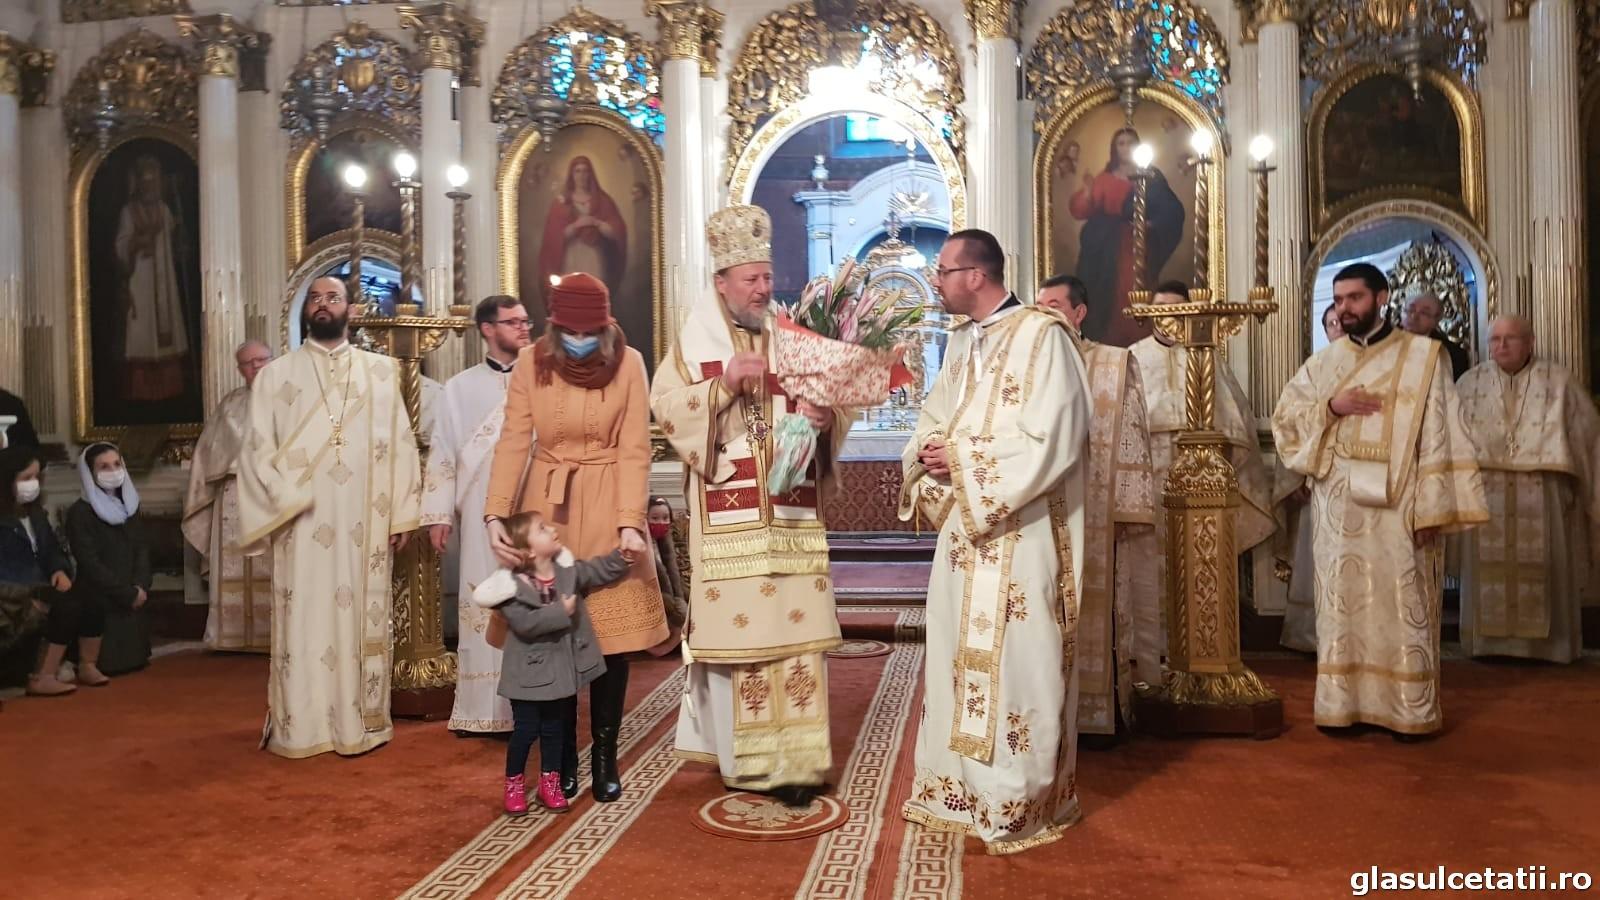 """PS Emilian Crișanul: """"Nerecunoștința față de Dumnezeu și oameni ne izolează, ne dezumanizează, ne face egoiști"""". Liturghie Arhierească și hirotonie întru diacon la Catedrala Veche din Arad"""